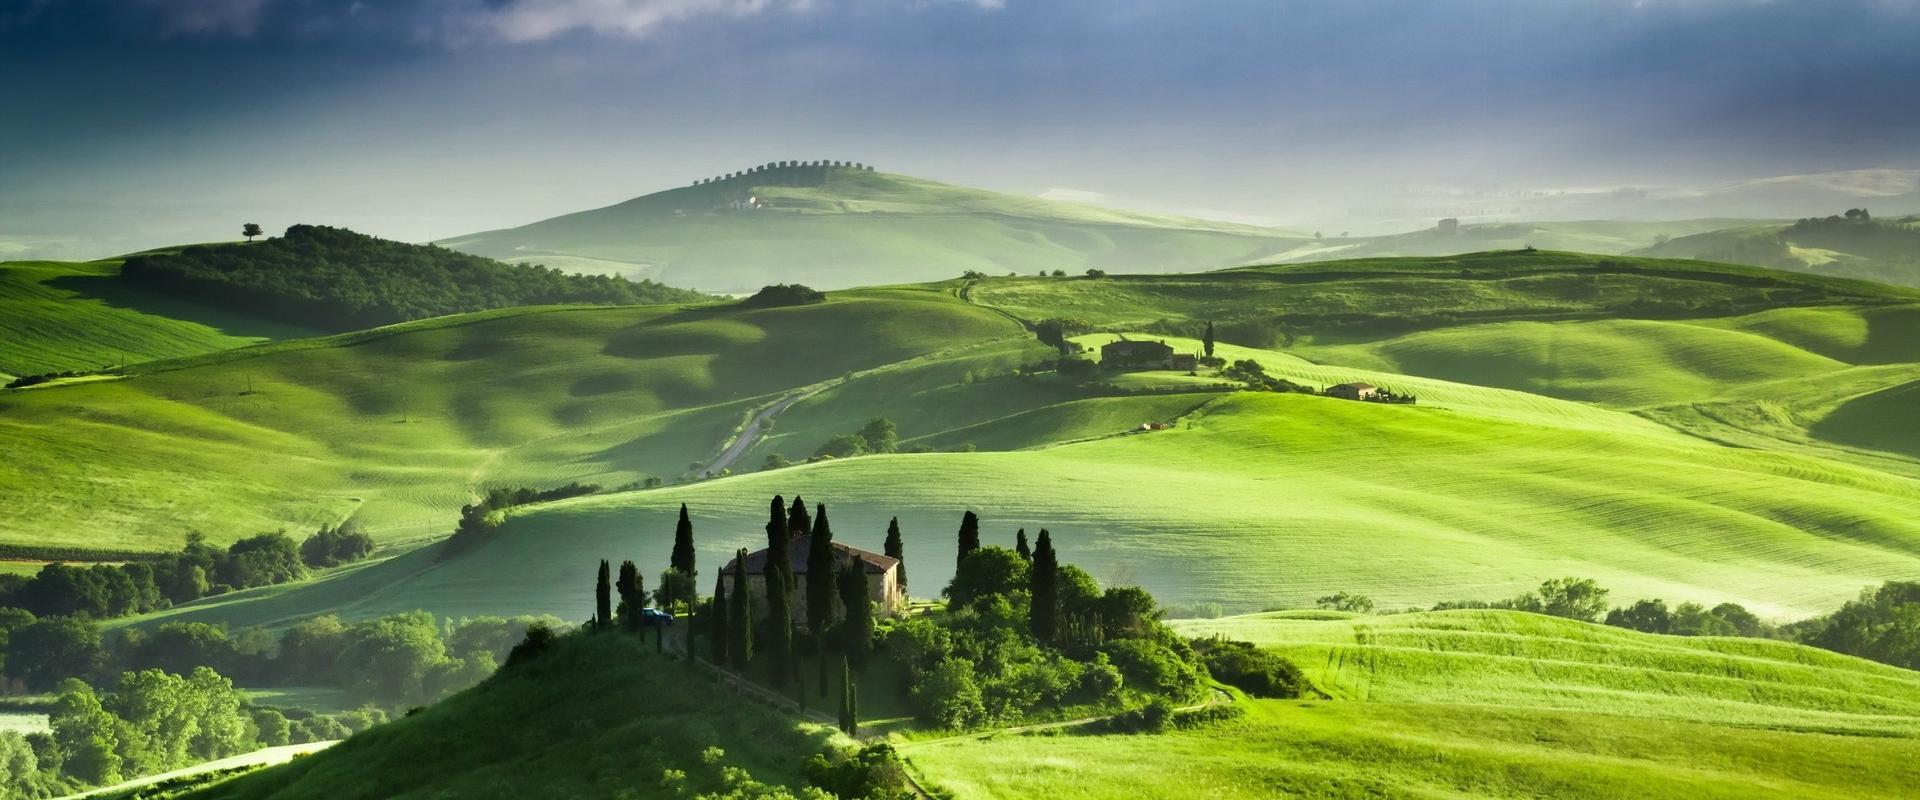 Tour Tuscany Wonders & Jewels of Chianti-shire!